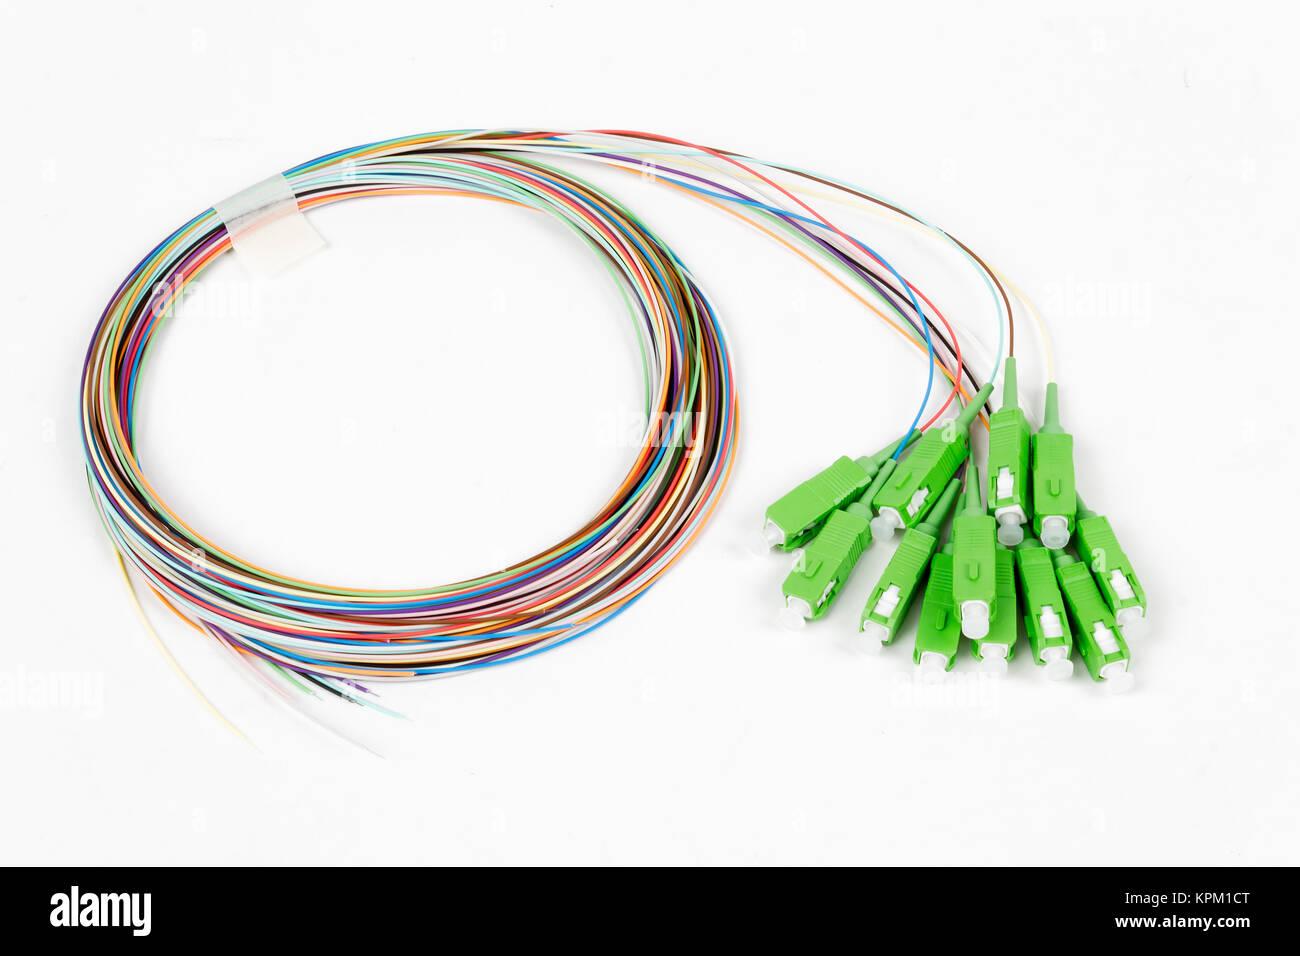 green fiber optic SC connectors - Stock Image